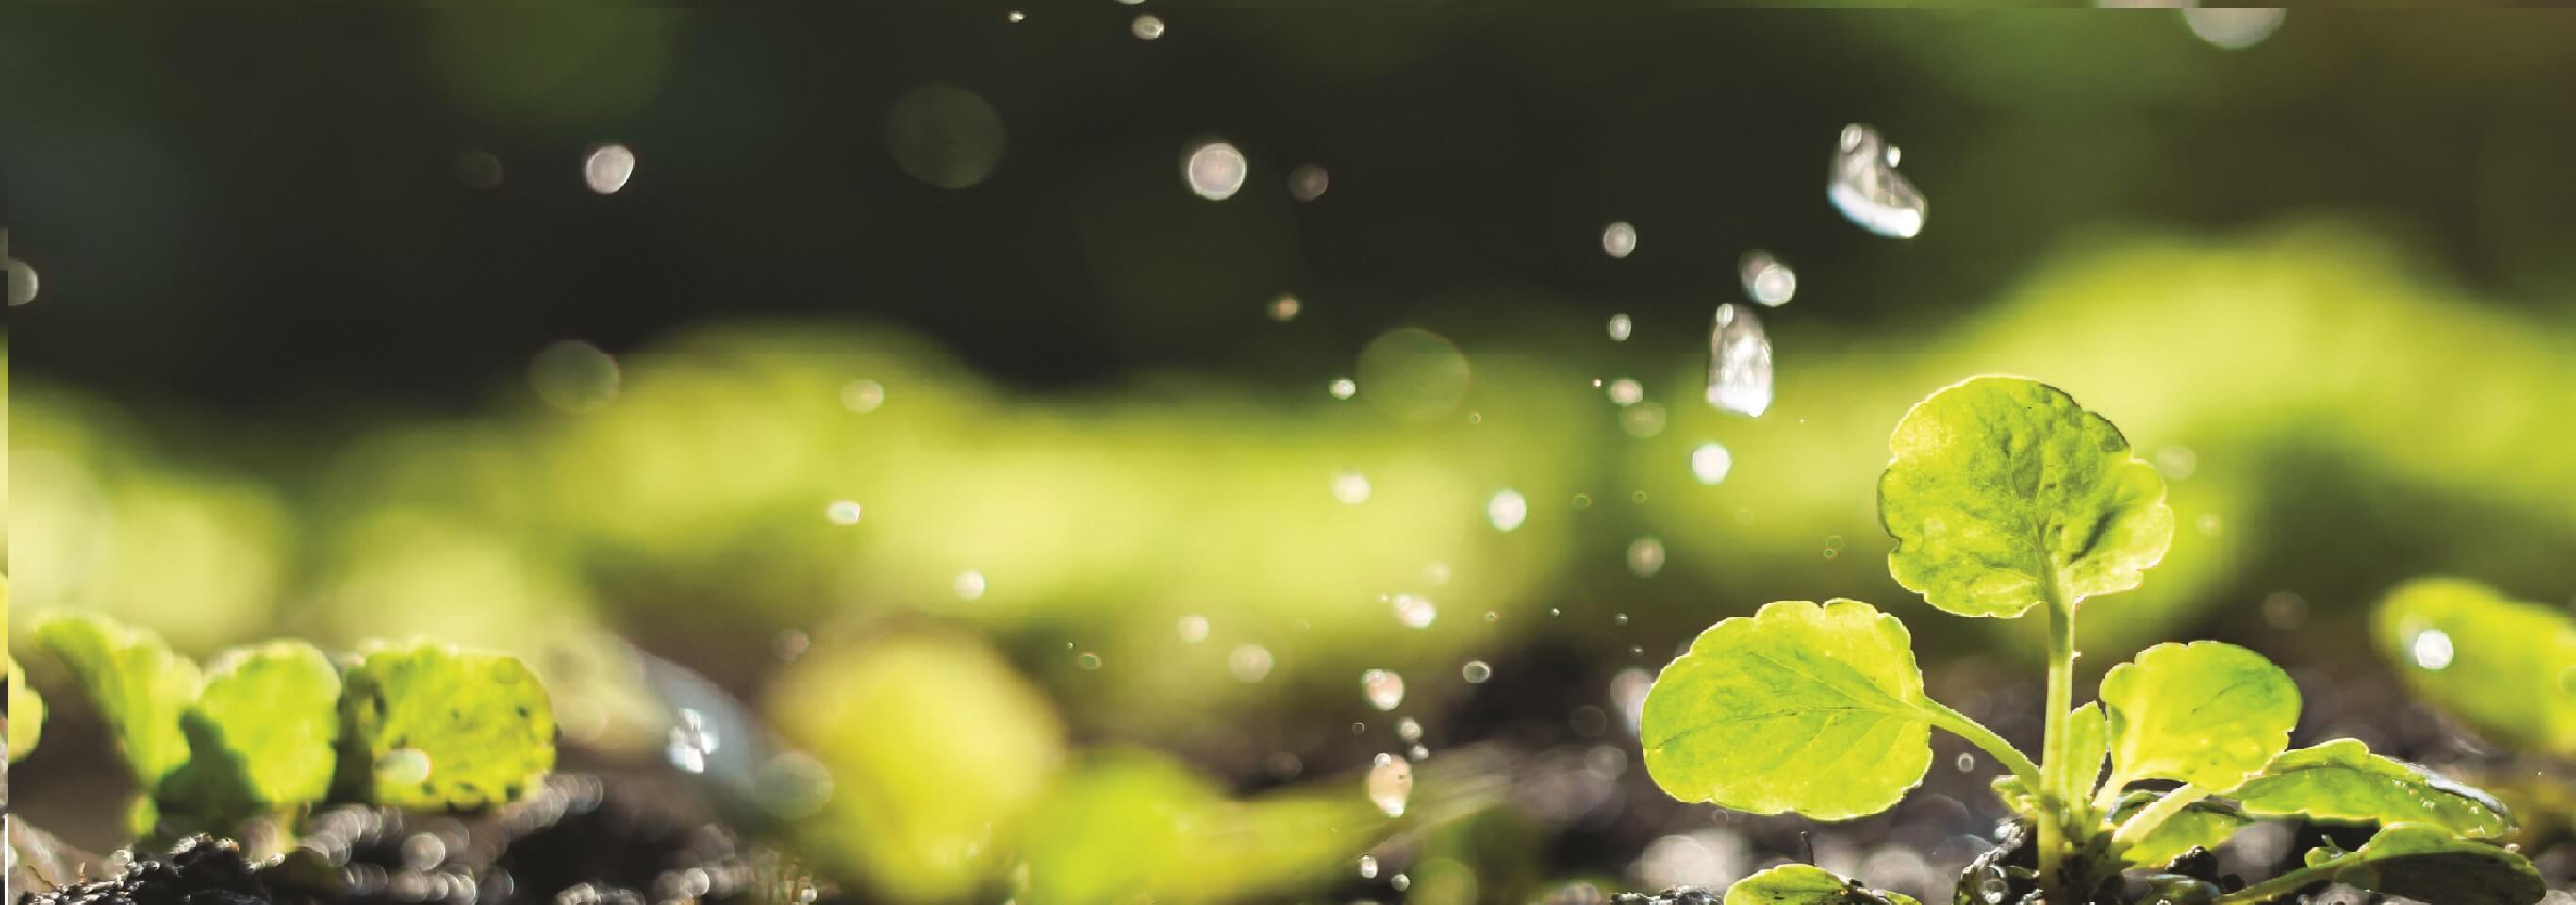 Amity Insight: Sustainability